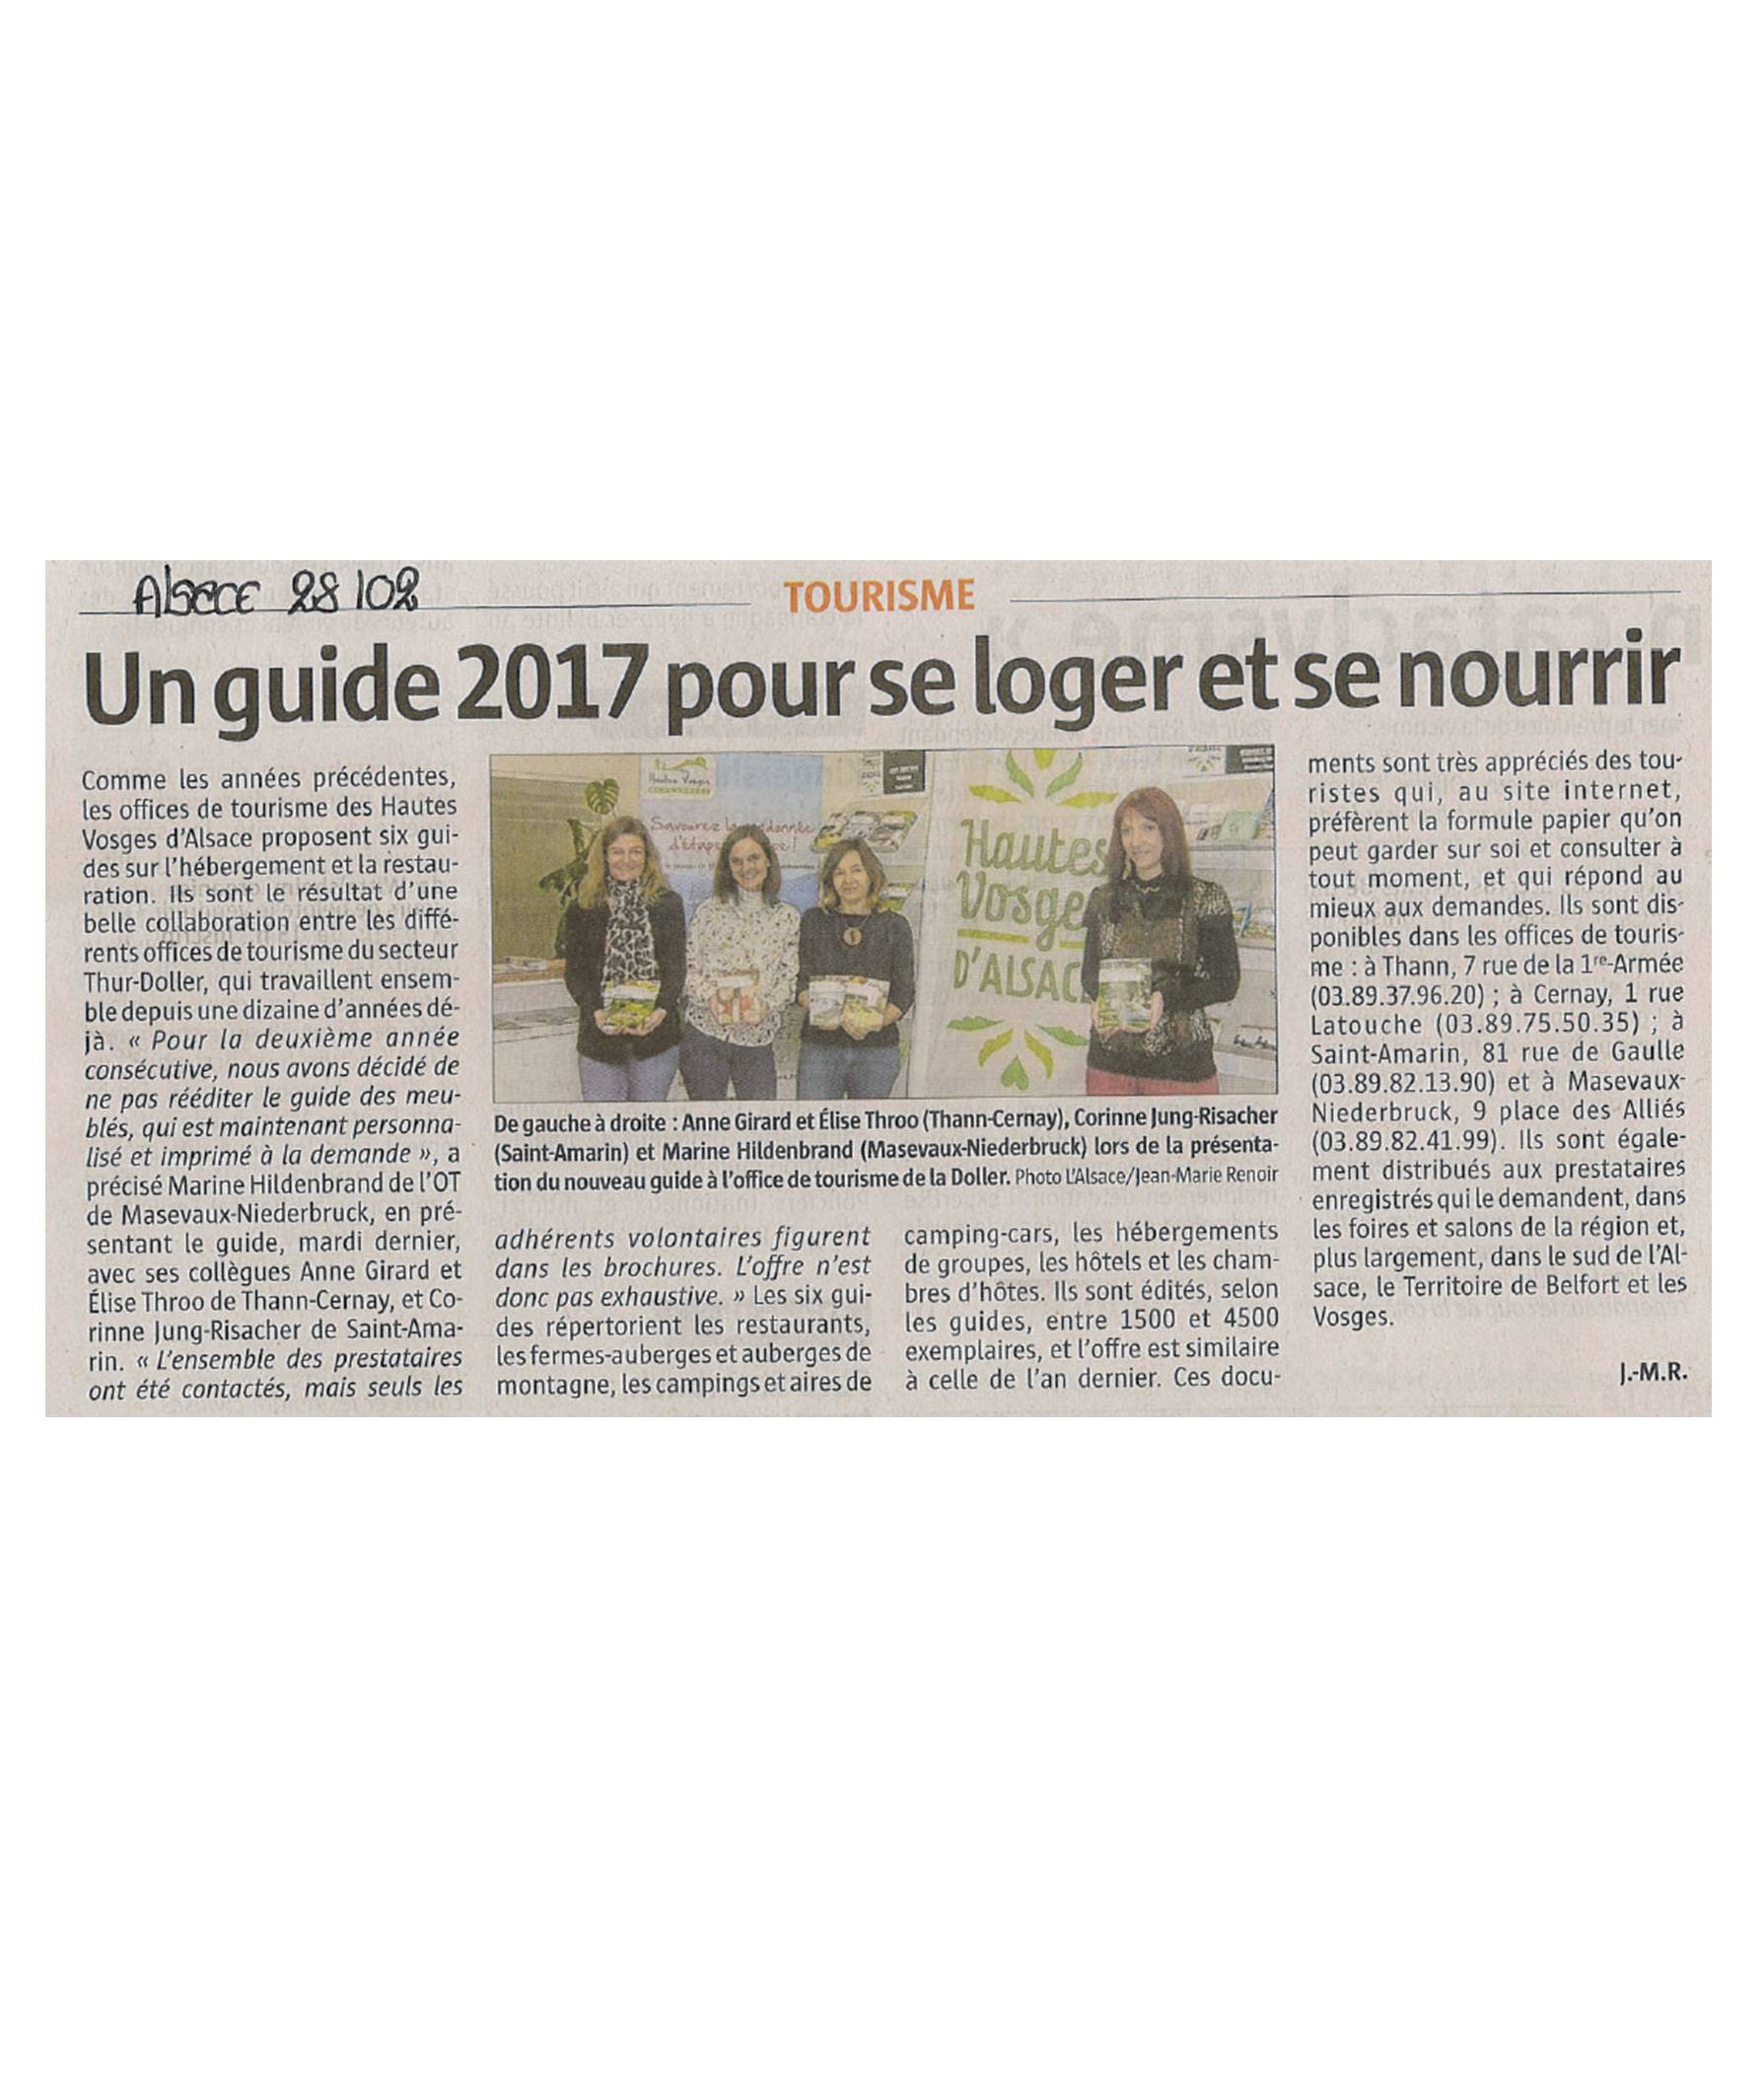 Un guide 2017 pour se loger et se nourrir - L'Alsace (28-02-2017)